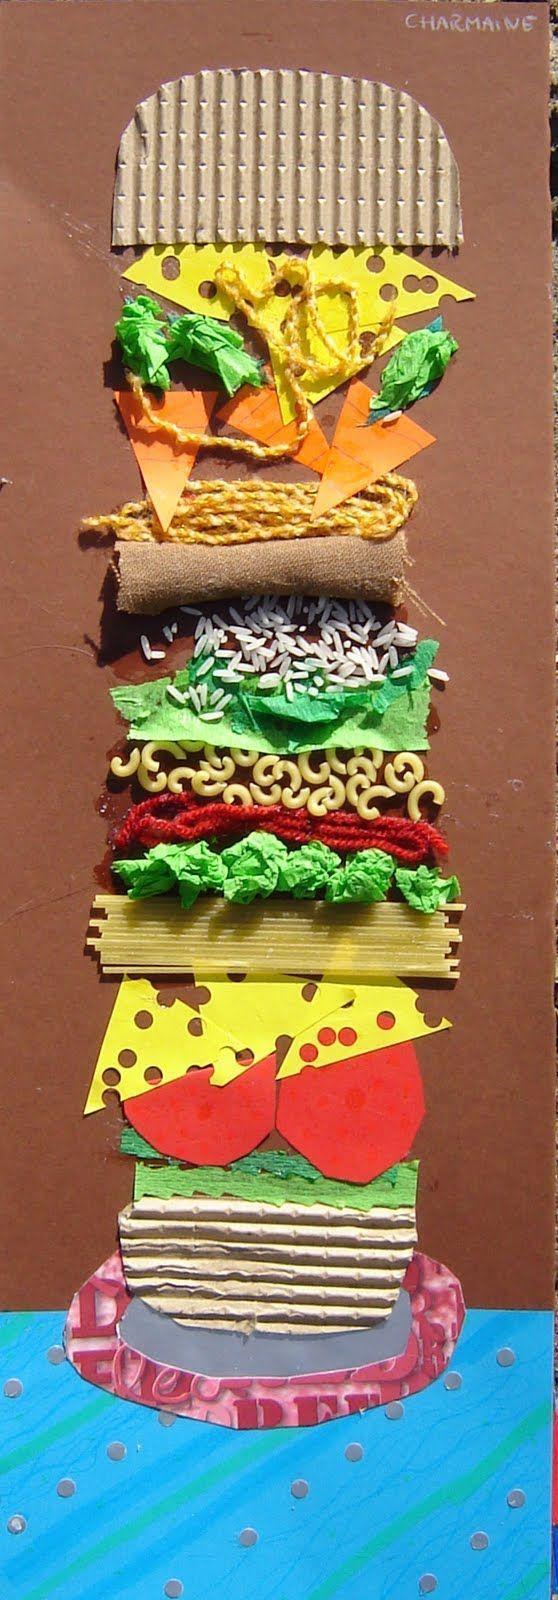 best 25+ cool art projects ideas on pinterest | teen art projects